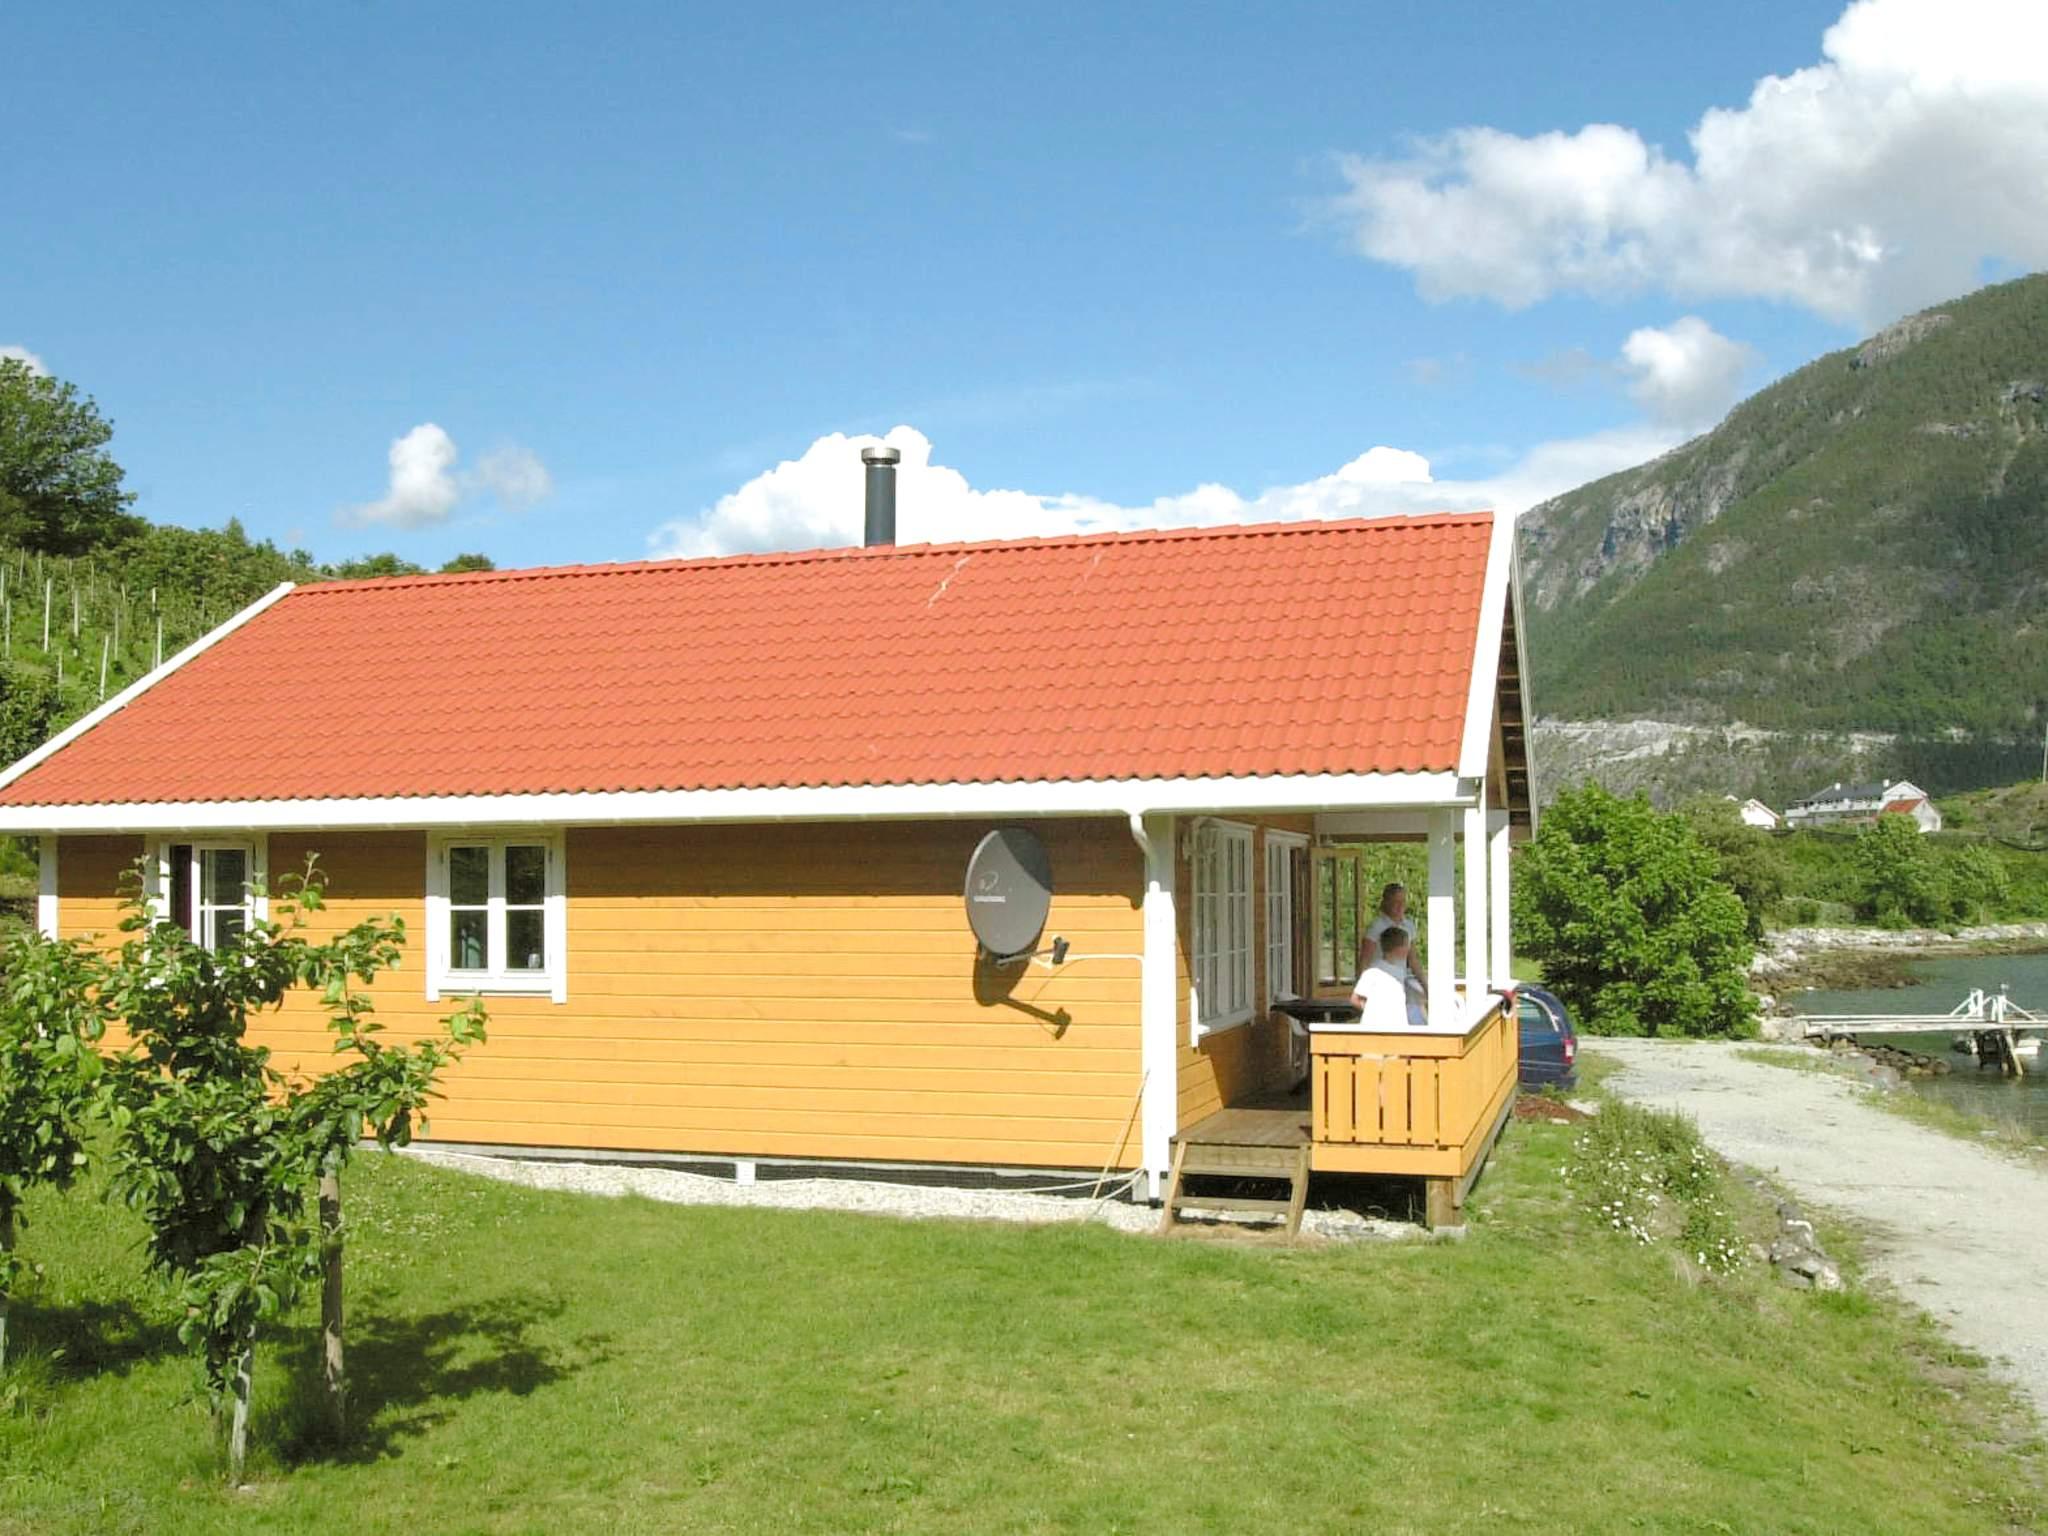 Ferienhaus Slinde (82396), Slinde, Sognefjord - Nordfjord, Westnorwegen, Norwegen, Bild 5